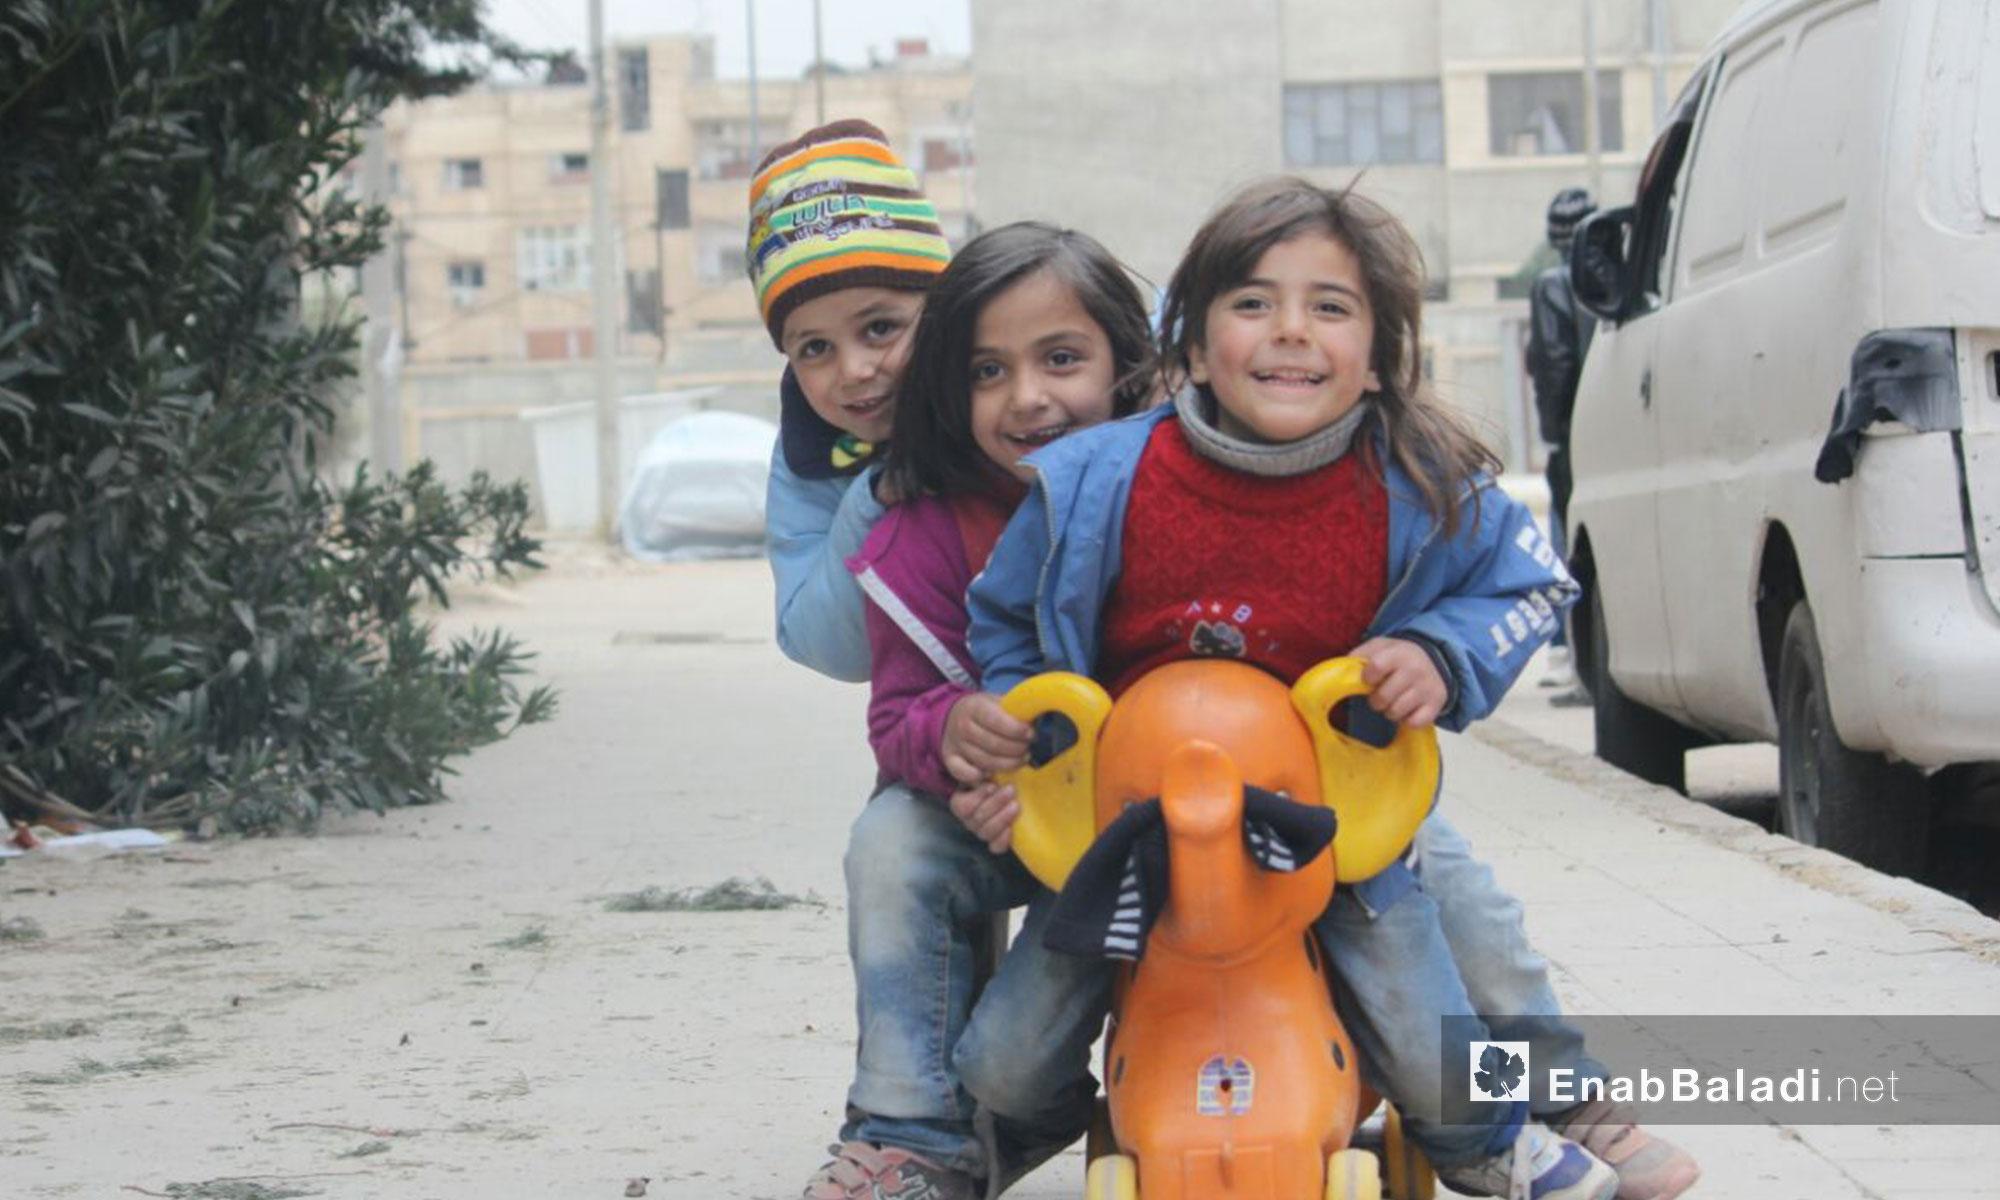 أطفال يلعبون ألعاب ترفيهية بسيطة في حي الوعر مدينة حمص - 2 شباط 2017 (عنب بلدي)